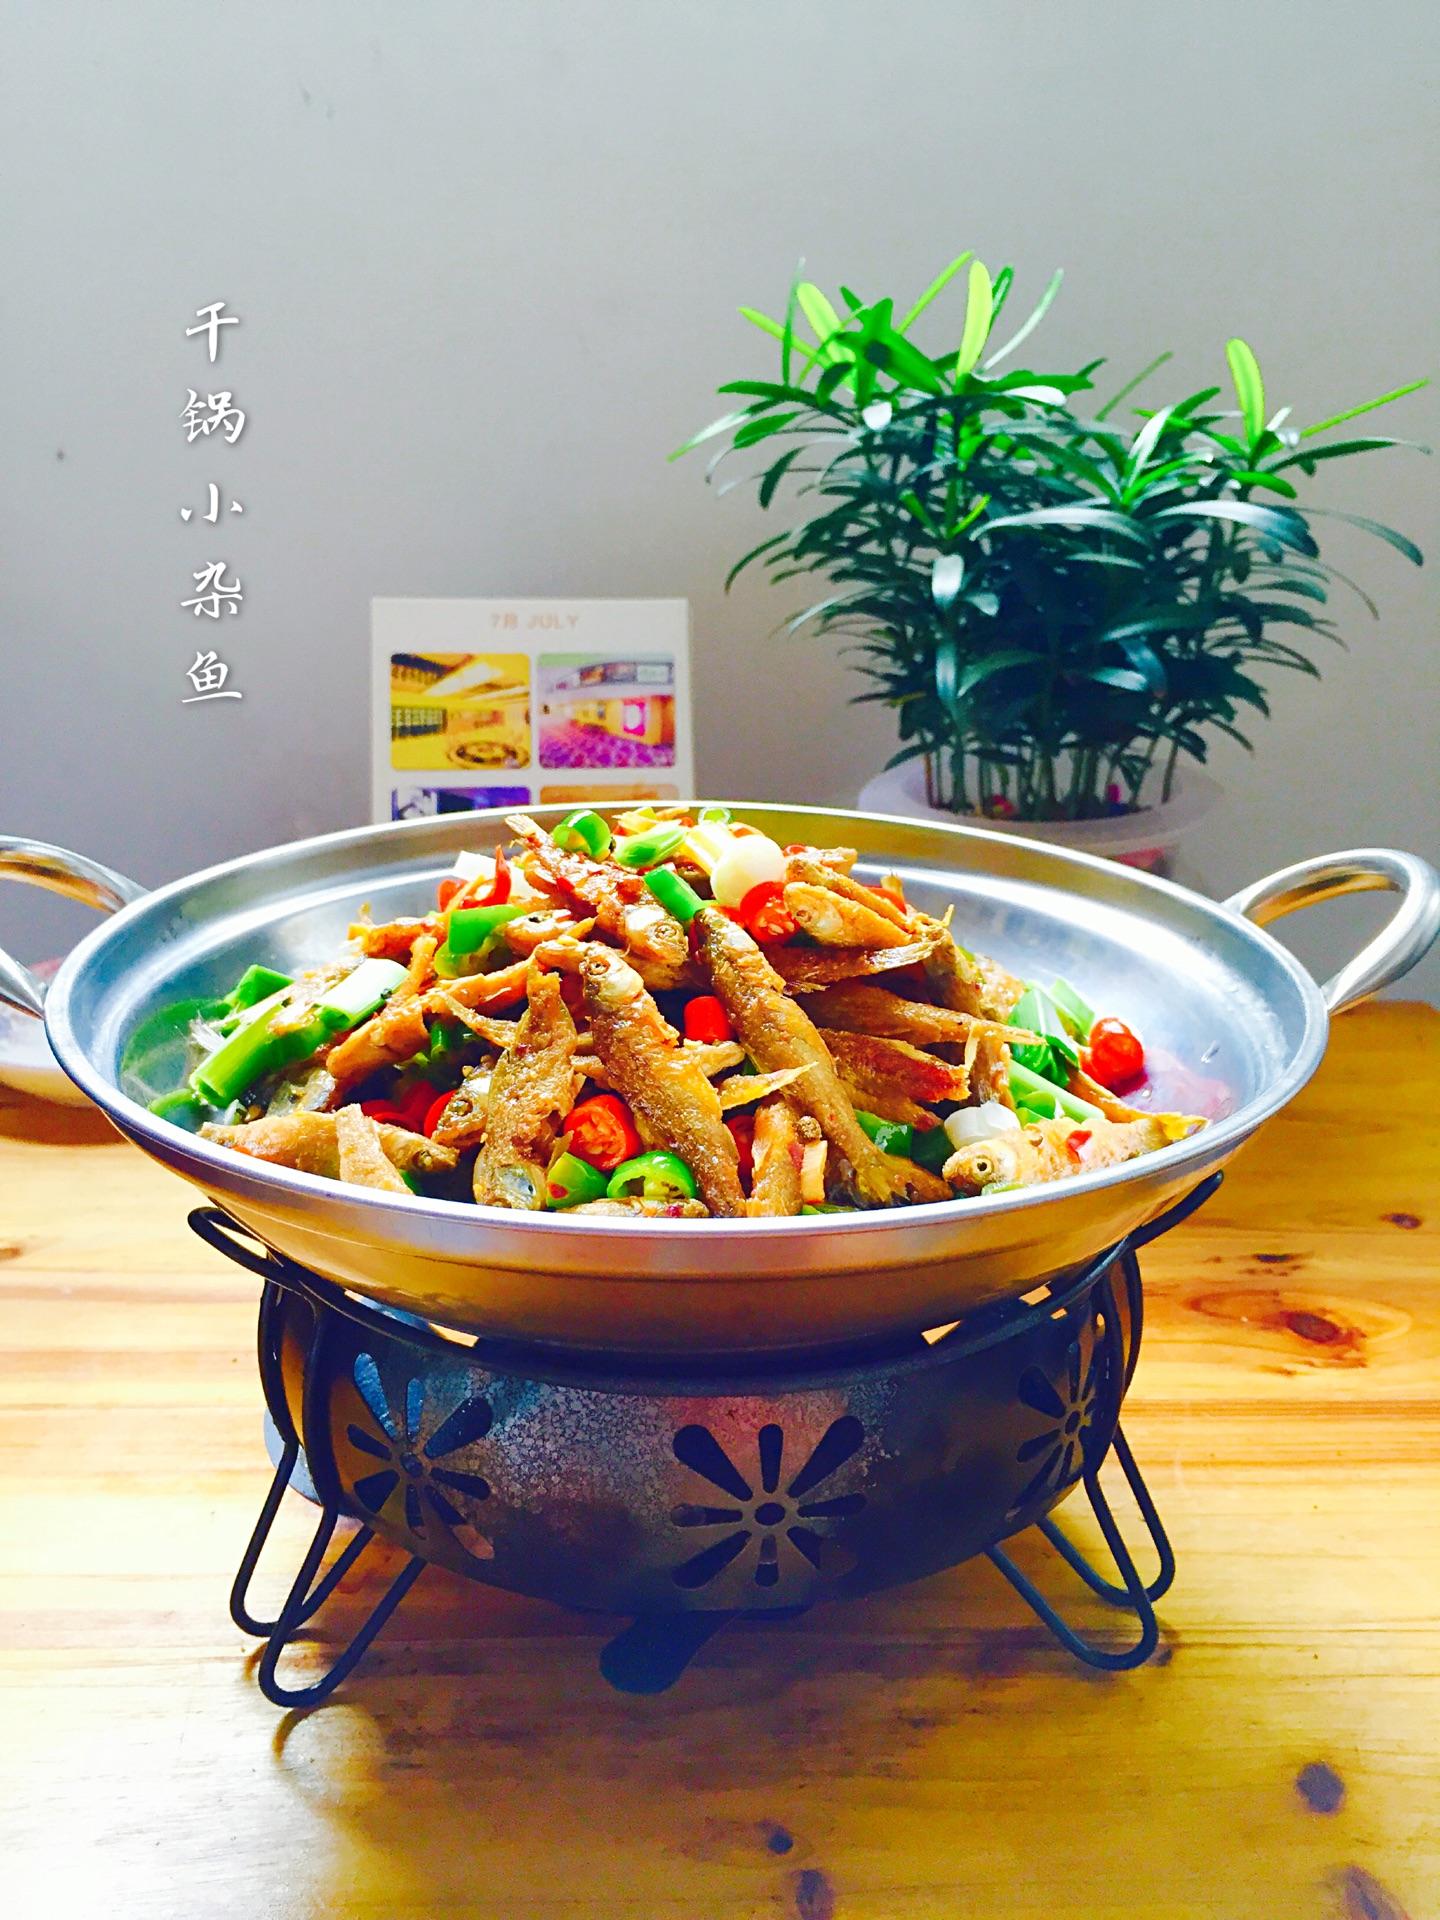 无矾油条_干锅小杂鱼怎么做_干锅小杂鱼的做法_豆果美食